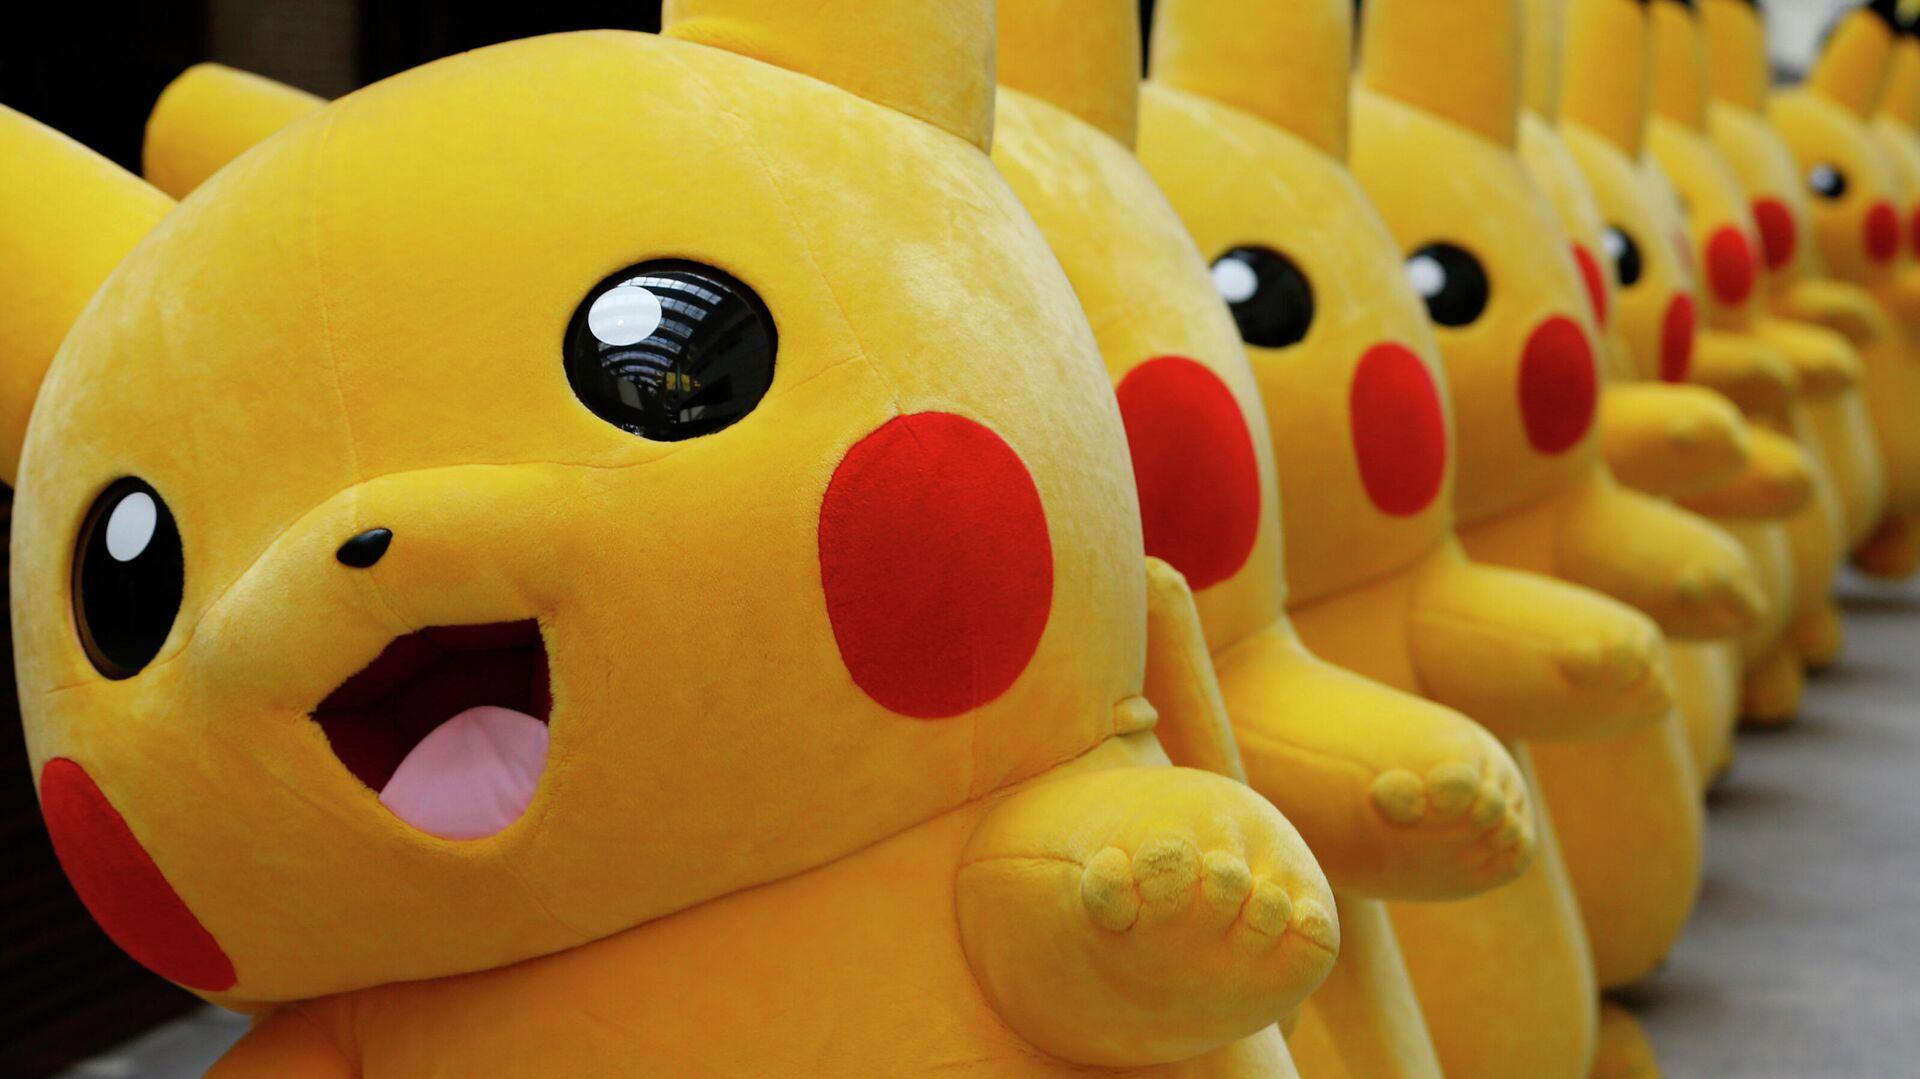 Numerosas personas disfrazadas de Pikachu en un evento en Yokohama, Japón - Sputnik Mundo, 1920, 27.02.2021